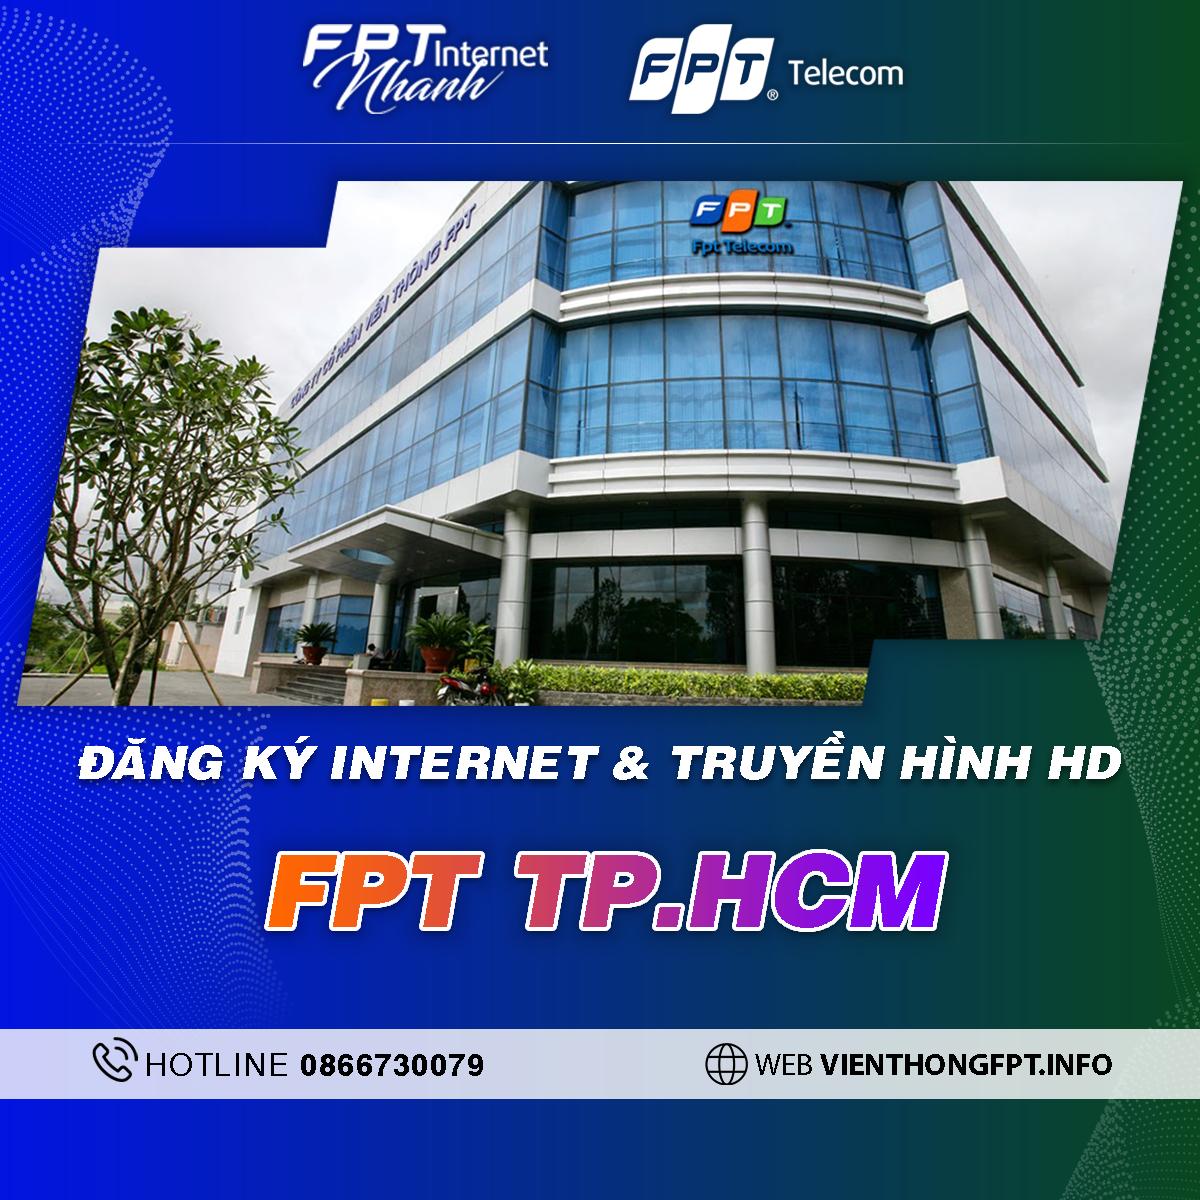 Chi nhánh FPT HCM - Tổng đài lắp Internet và Truyền hình FPT